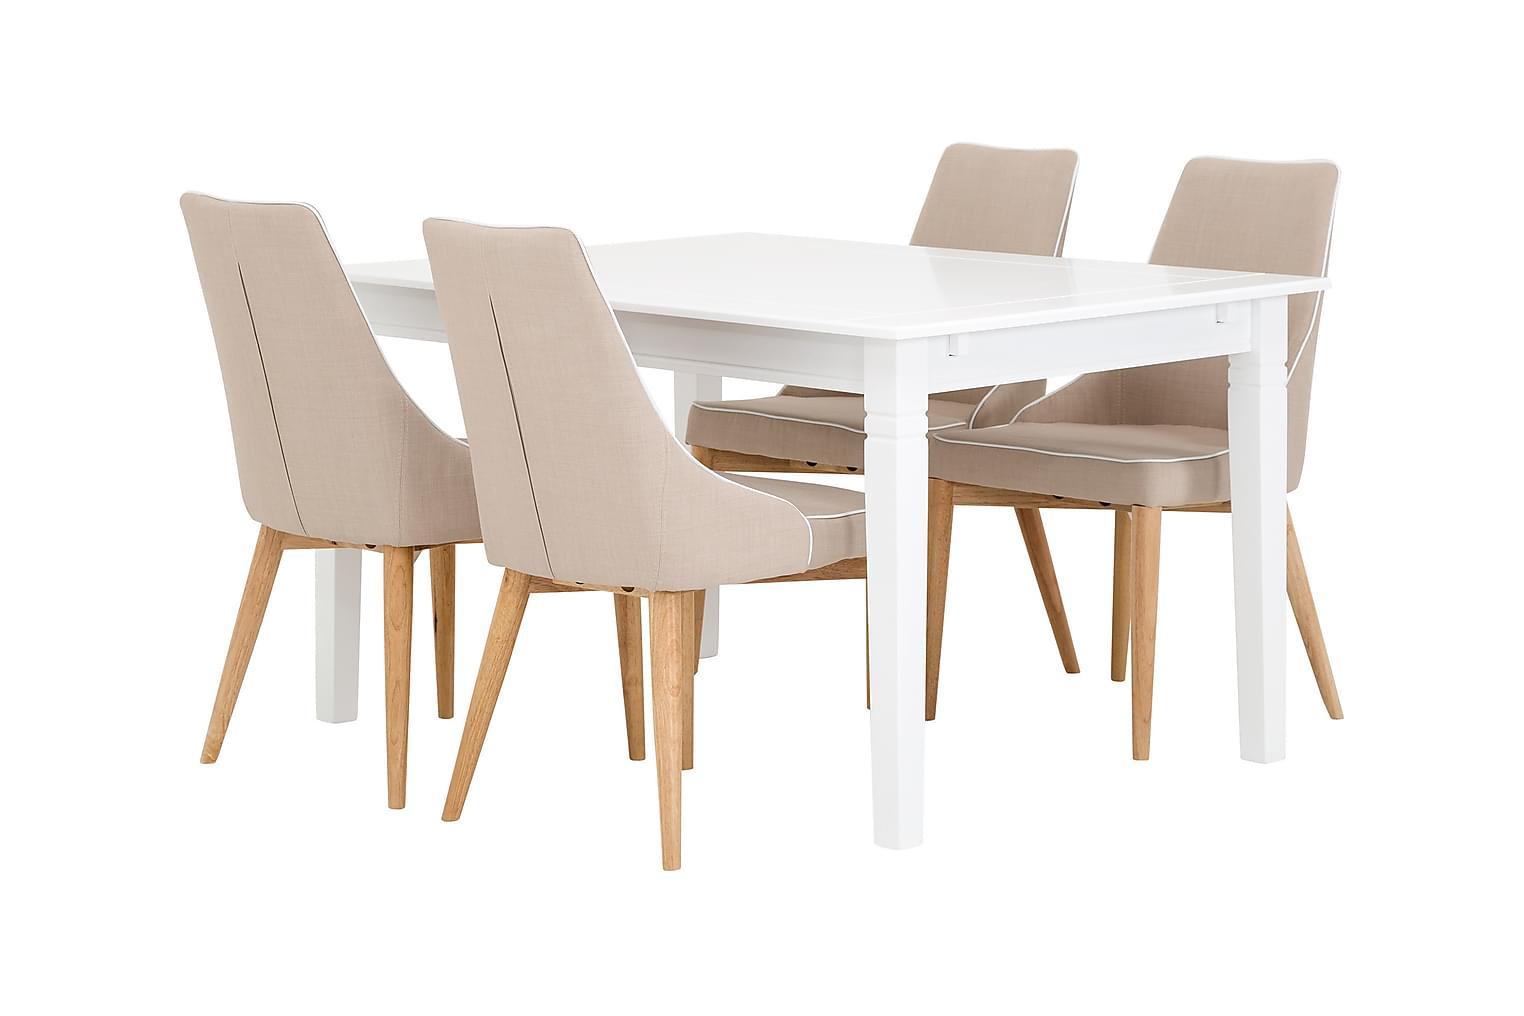 SJÖVIK Pöytä 140 Valkoinen + 4 ALLY Tuolia Beige